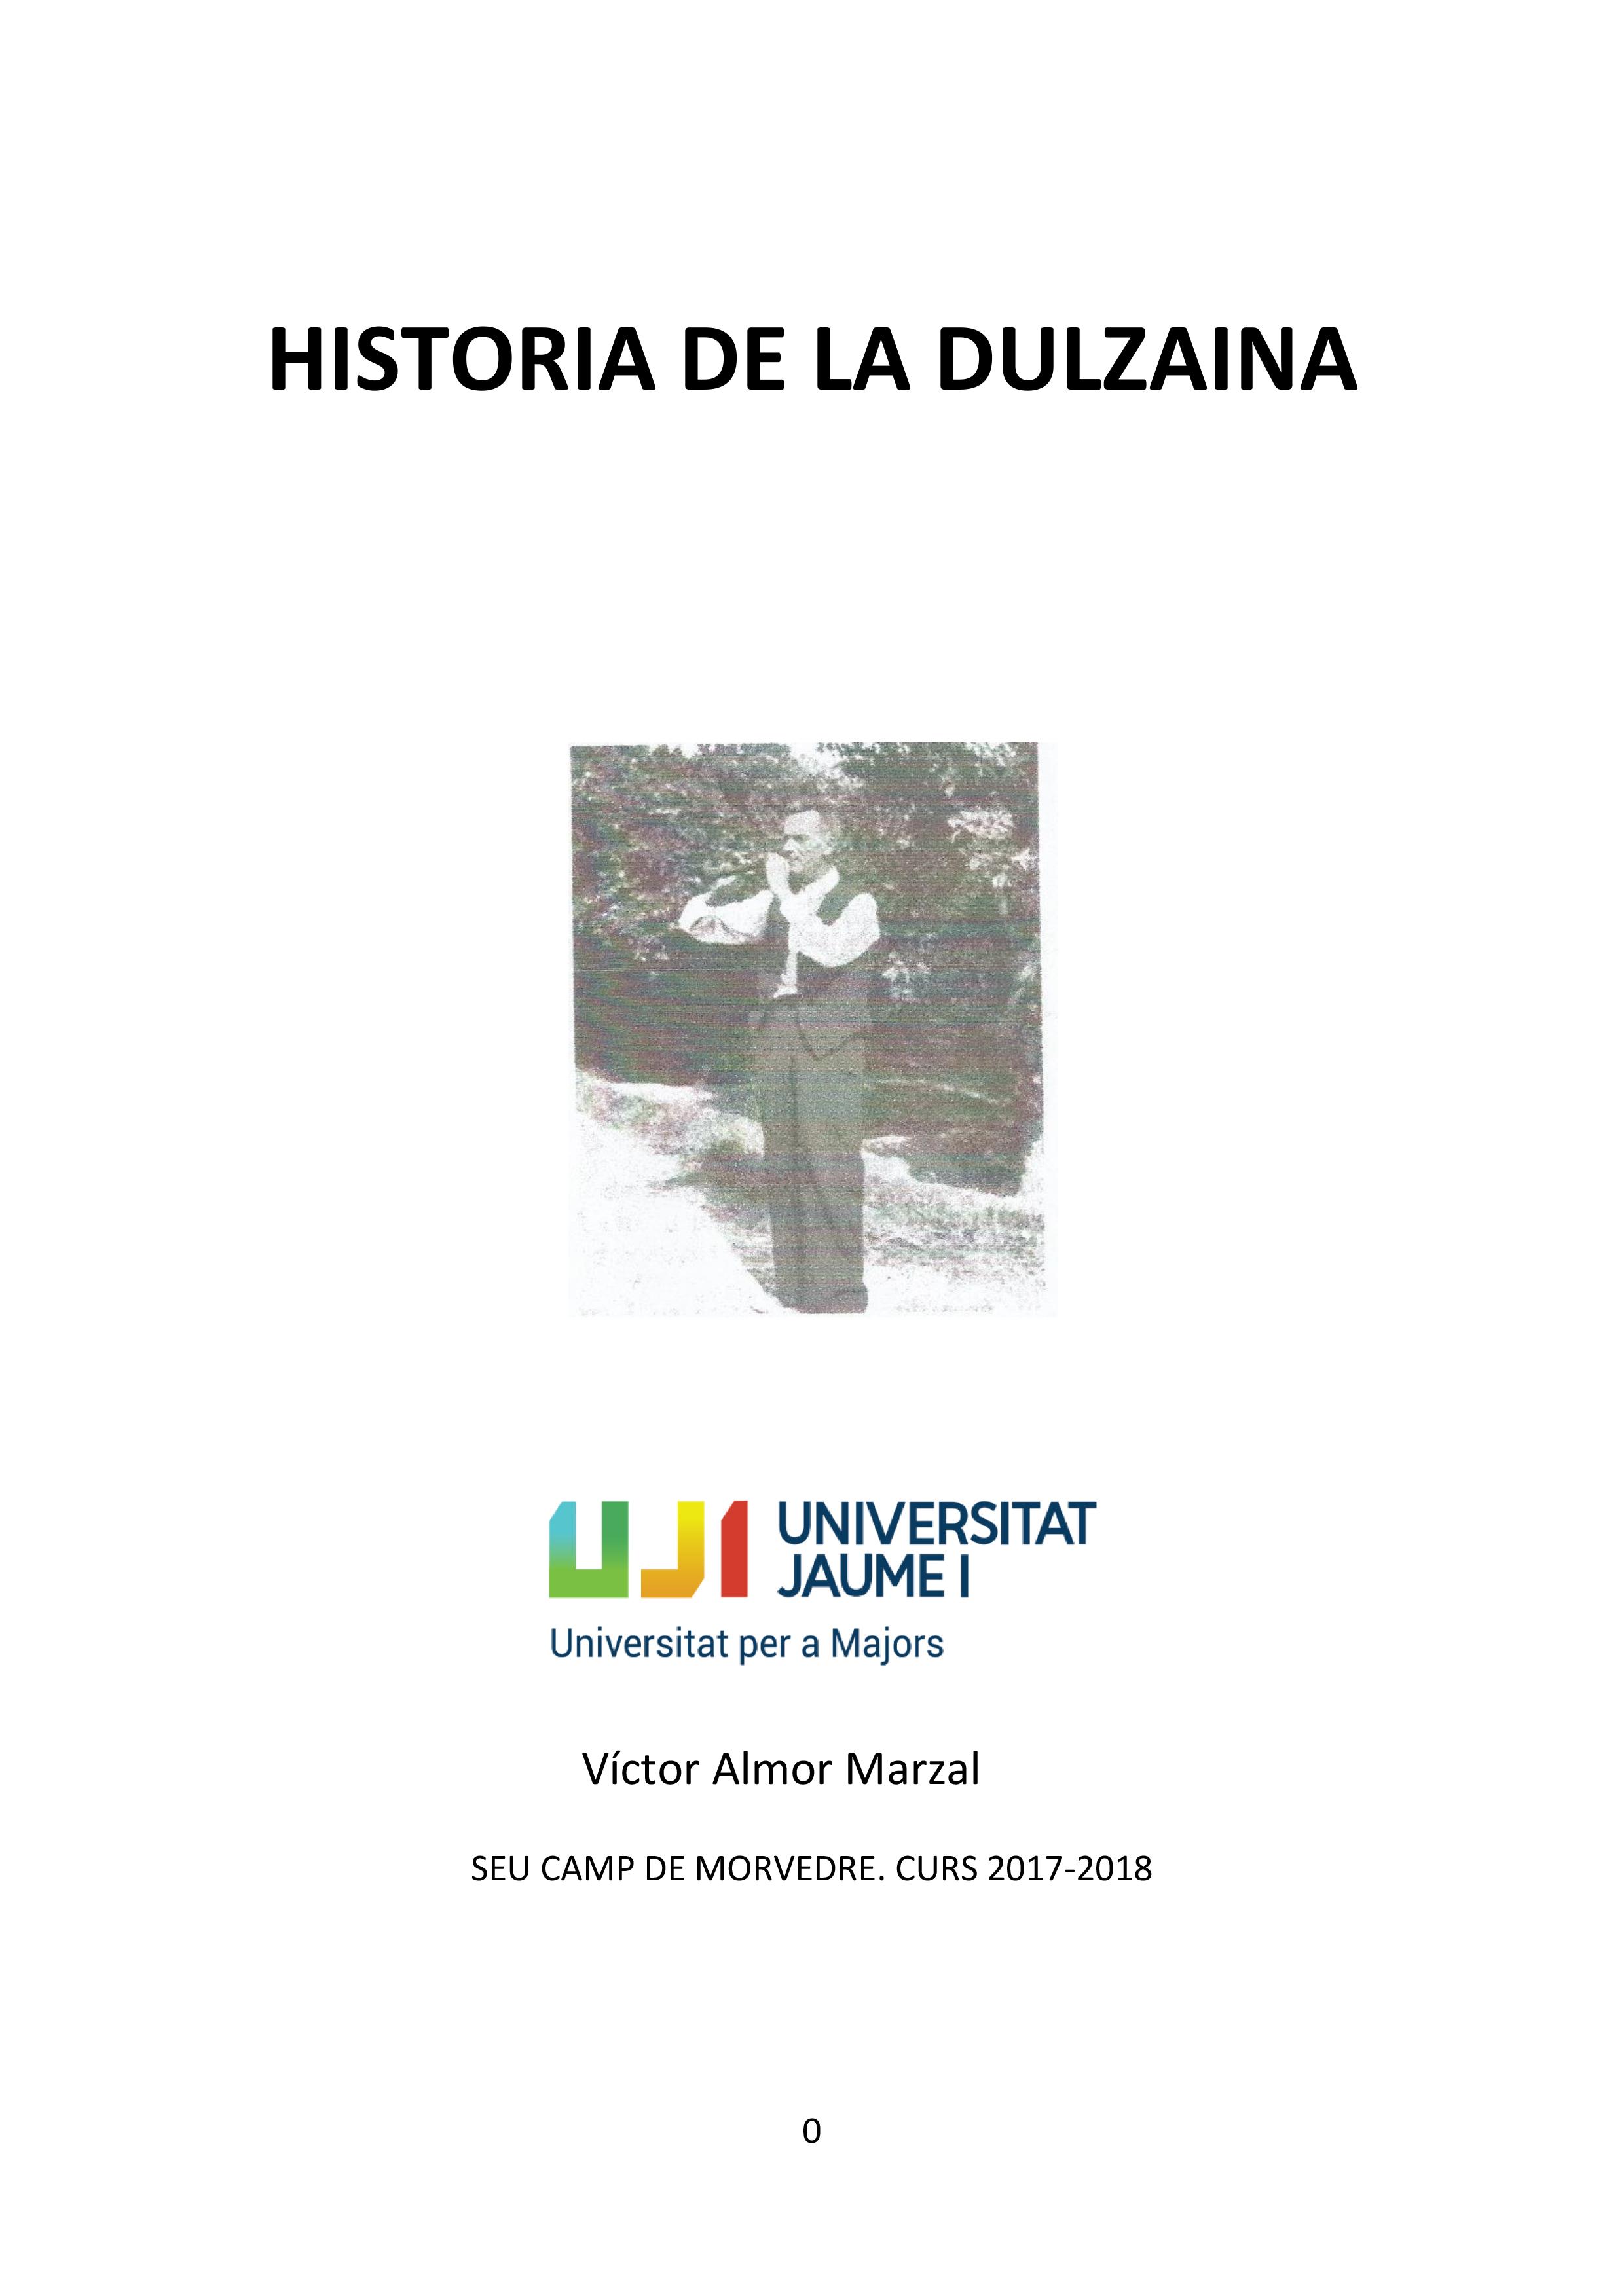 HISTORIA-DE-LA-DOLCAINA-VALENCIANA-FINAL